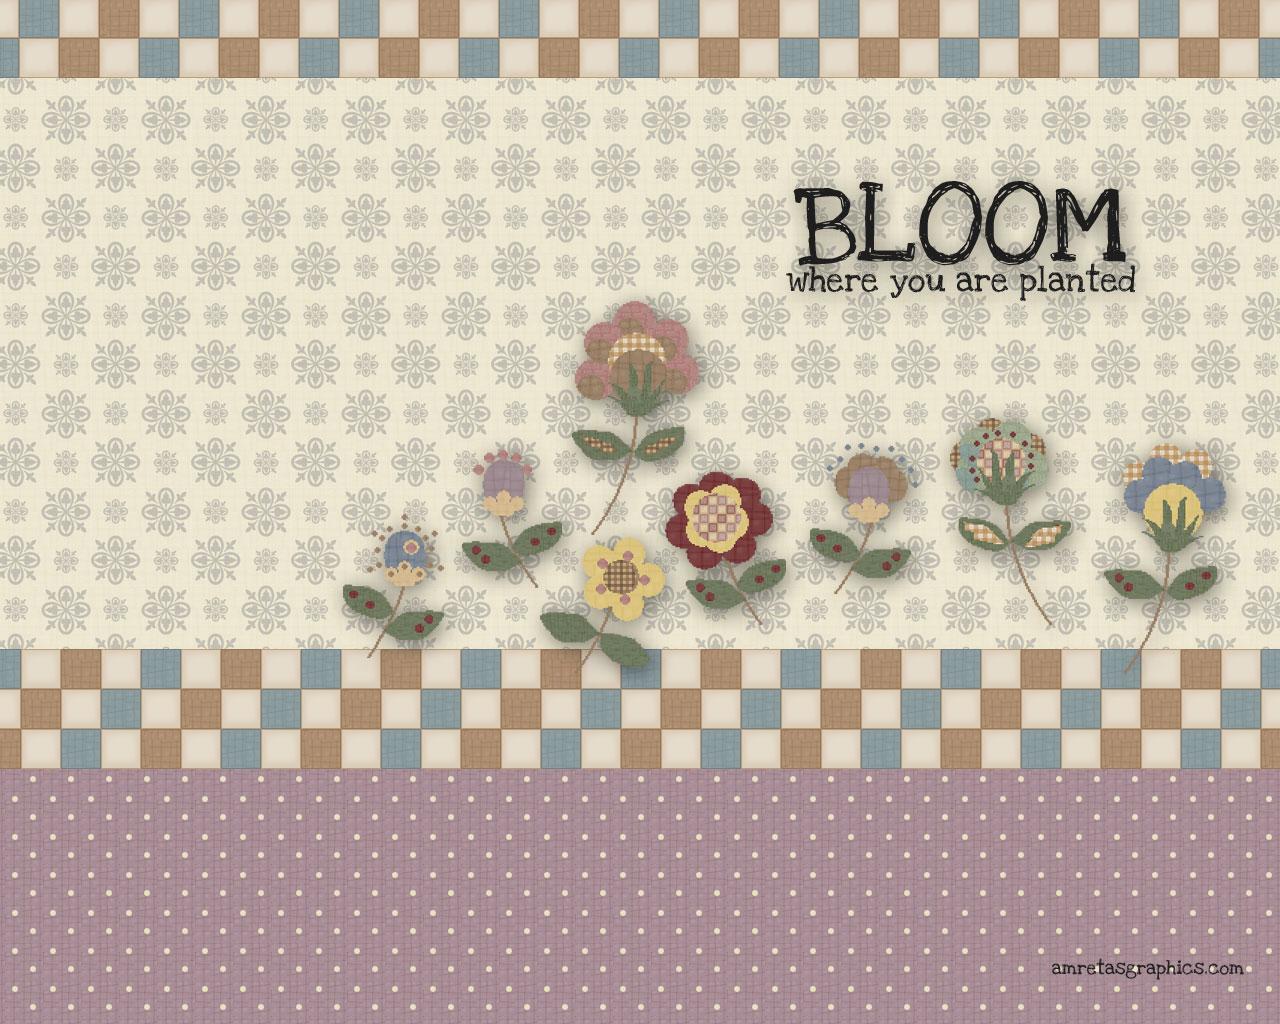 http://3.bp.blogspot.com/_cQkl1M3YB8I/TDBhohuSdzI/AAAAAAAADYo/QXZl5M7xYXQ/s1600/wallpaper1280x1024_bloom2.jpg